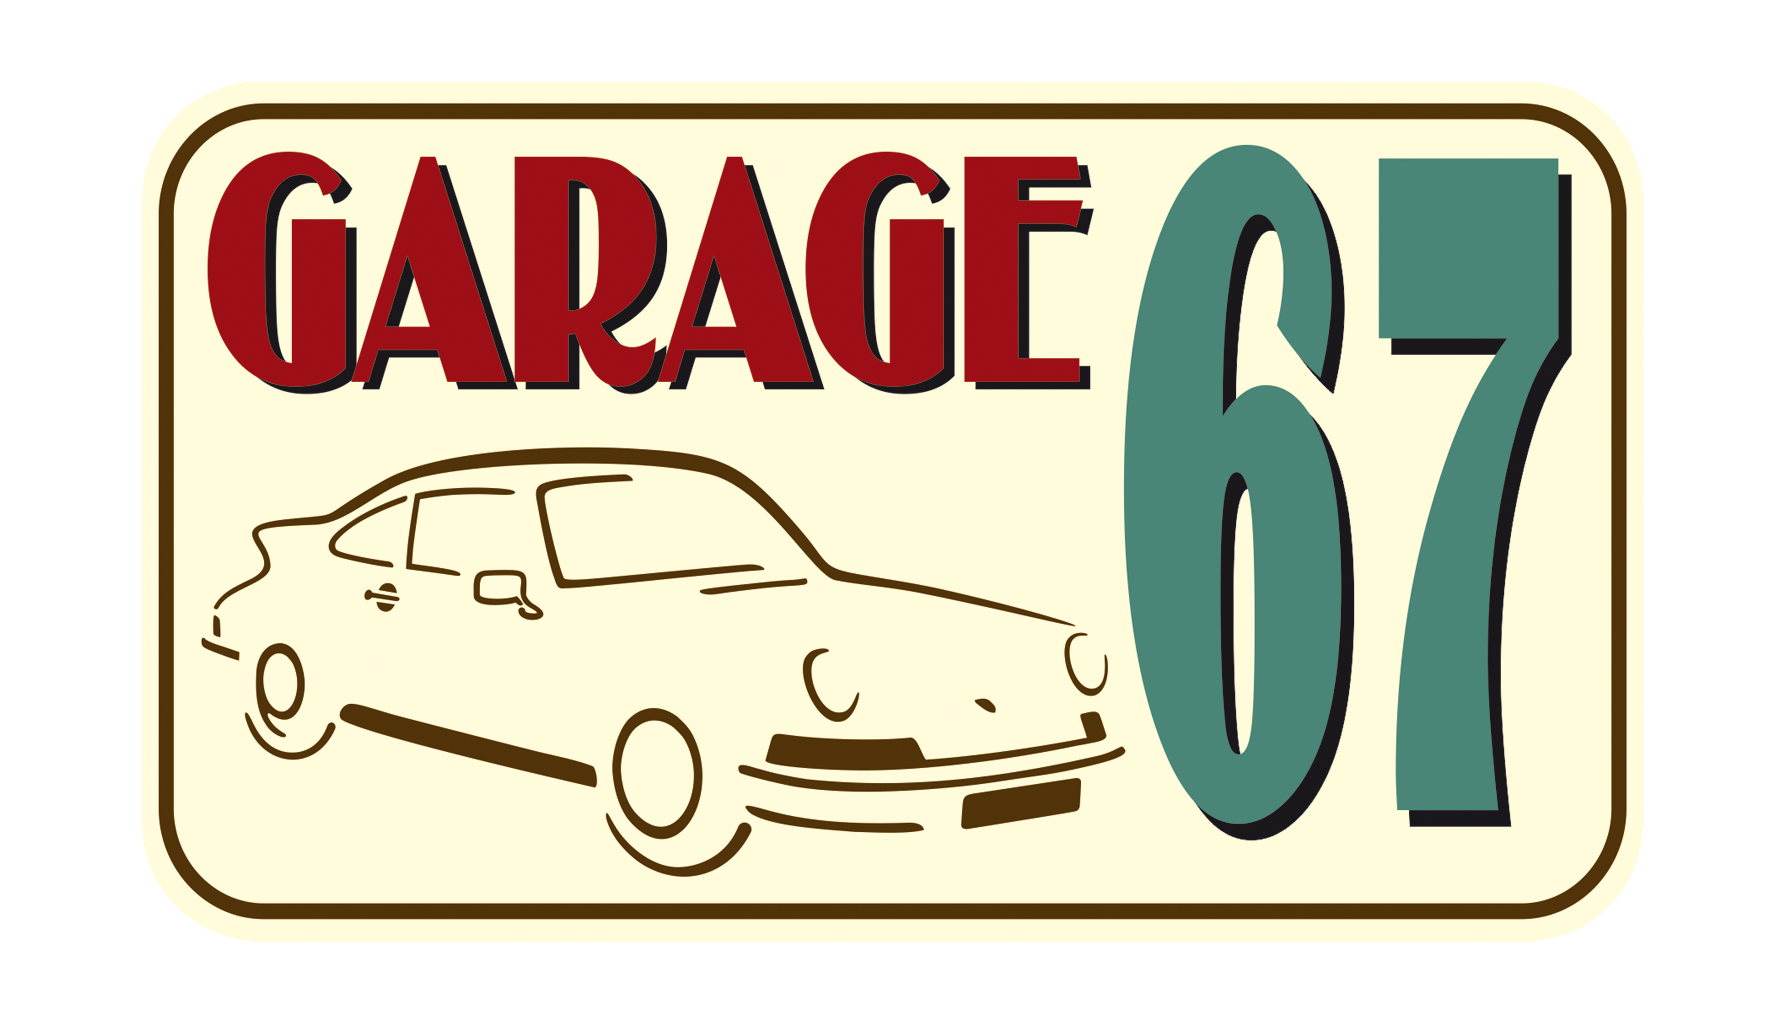 Garage67.com - Die freie Werkstatt für klassische Porsche zwischen Köln und Bonn.